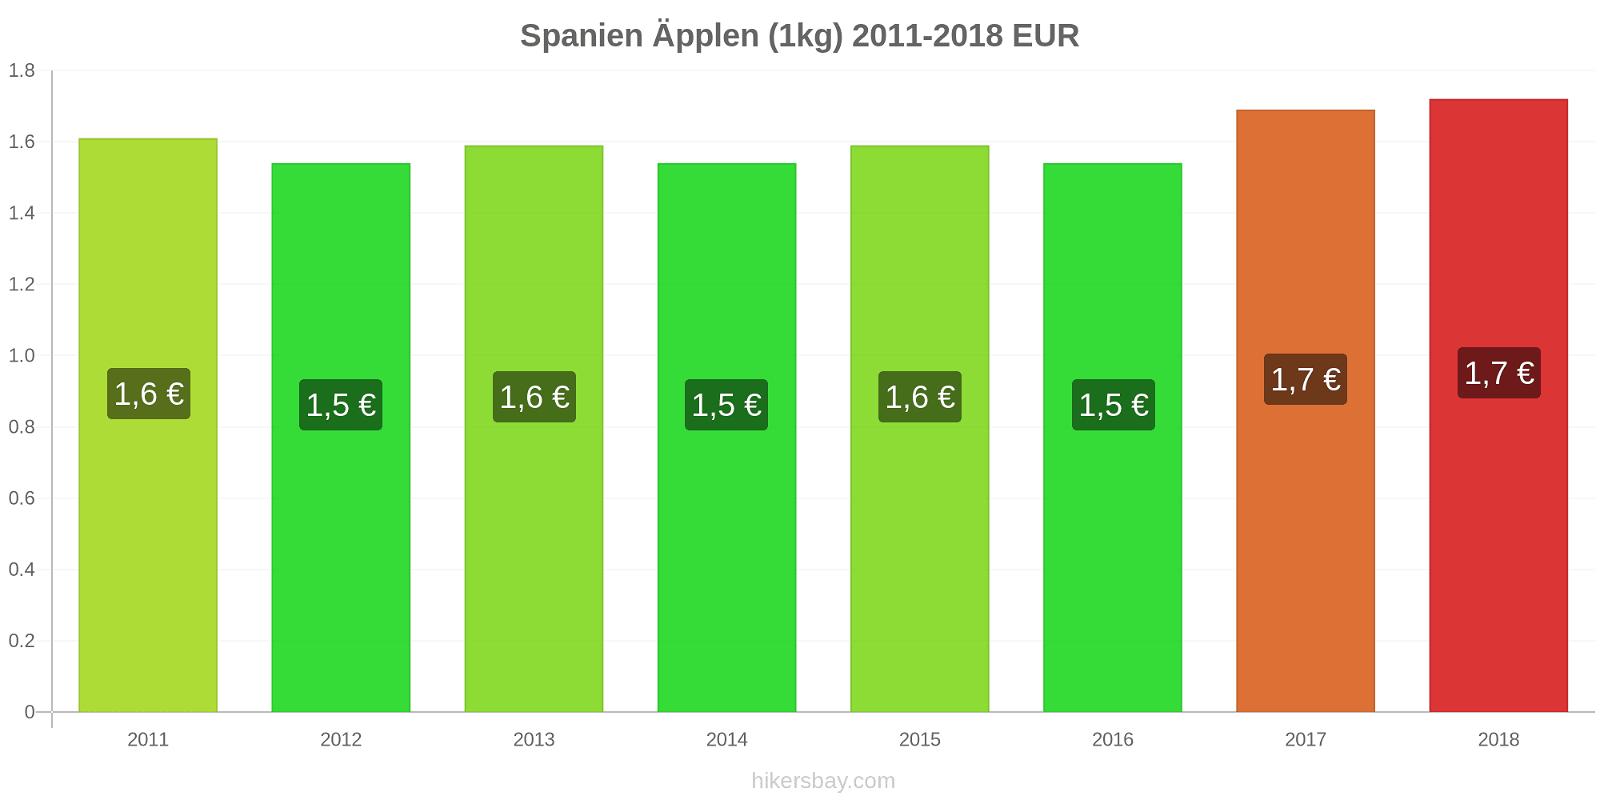 Spanien prisförändringar Äpplen (1kg) hikersbay.com